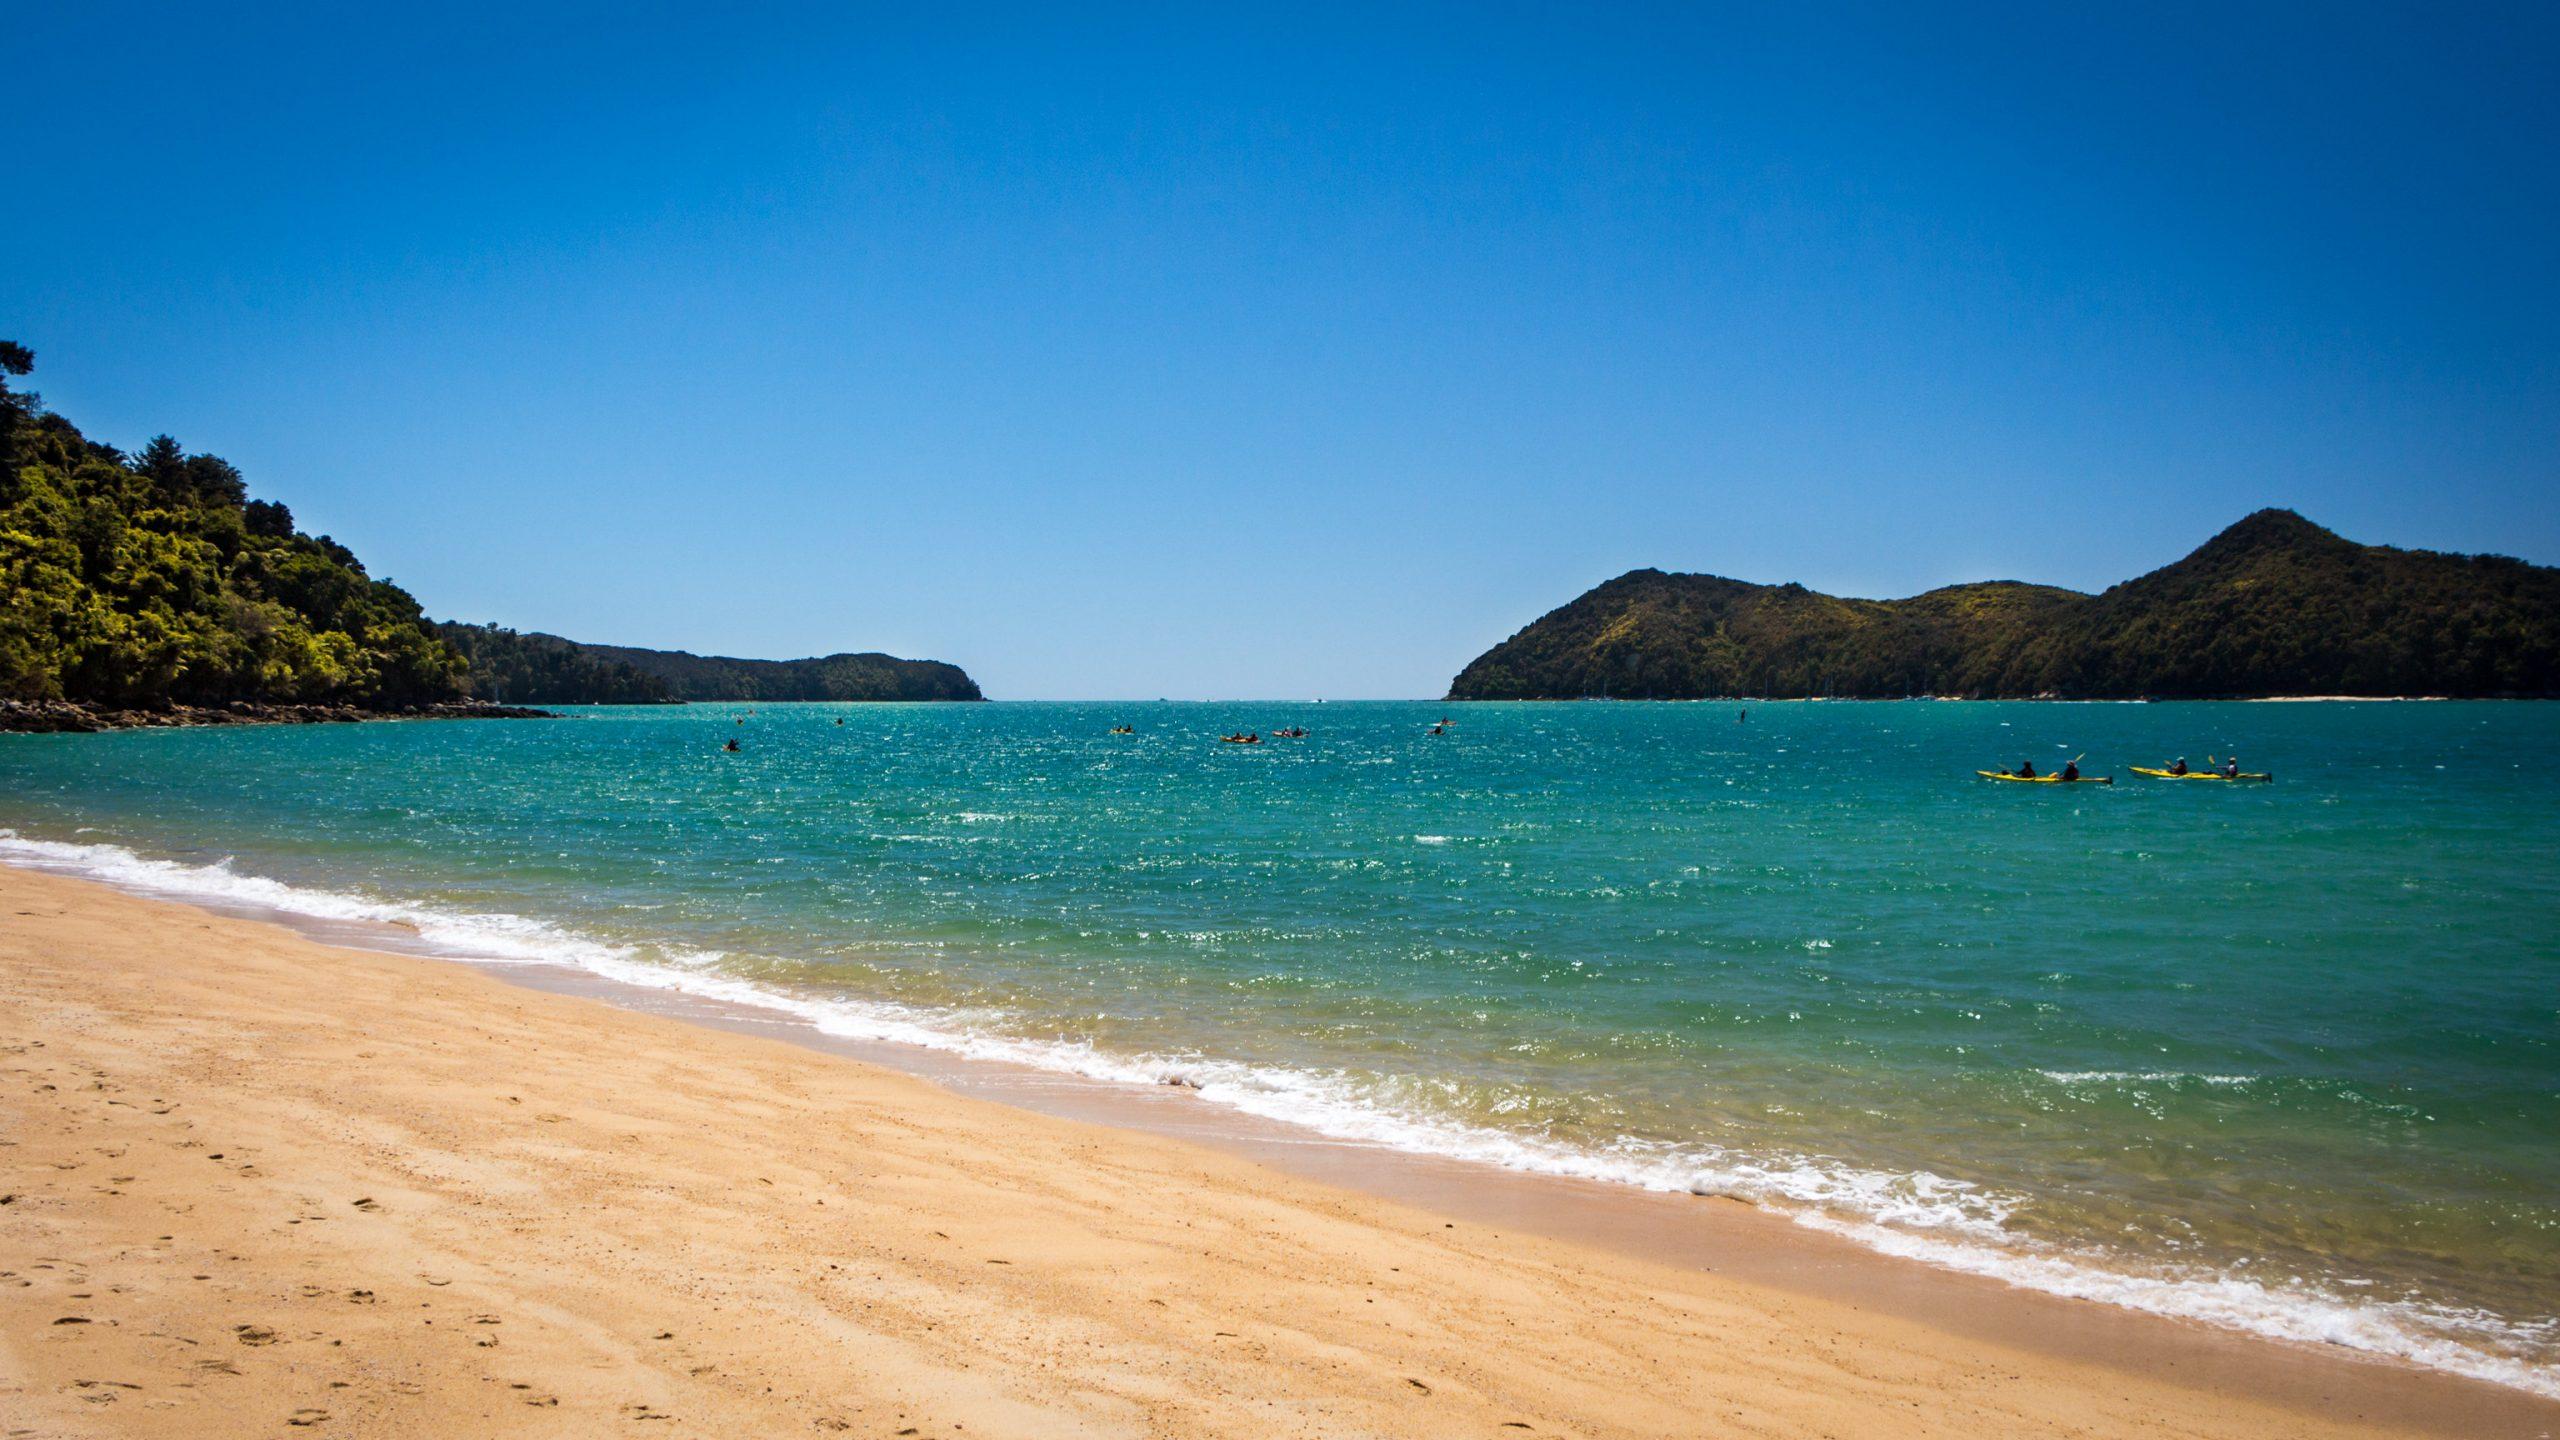 Waiheke Island Beaches, Paradise in New Zealand